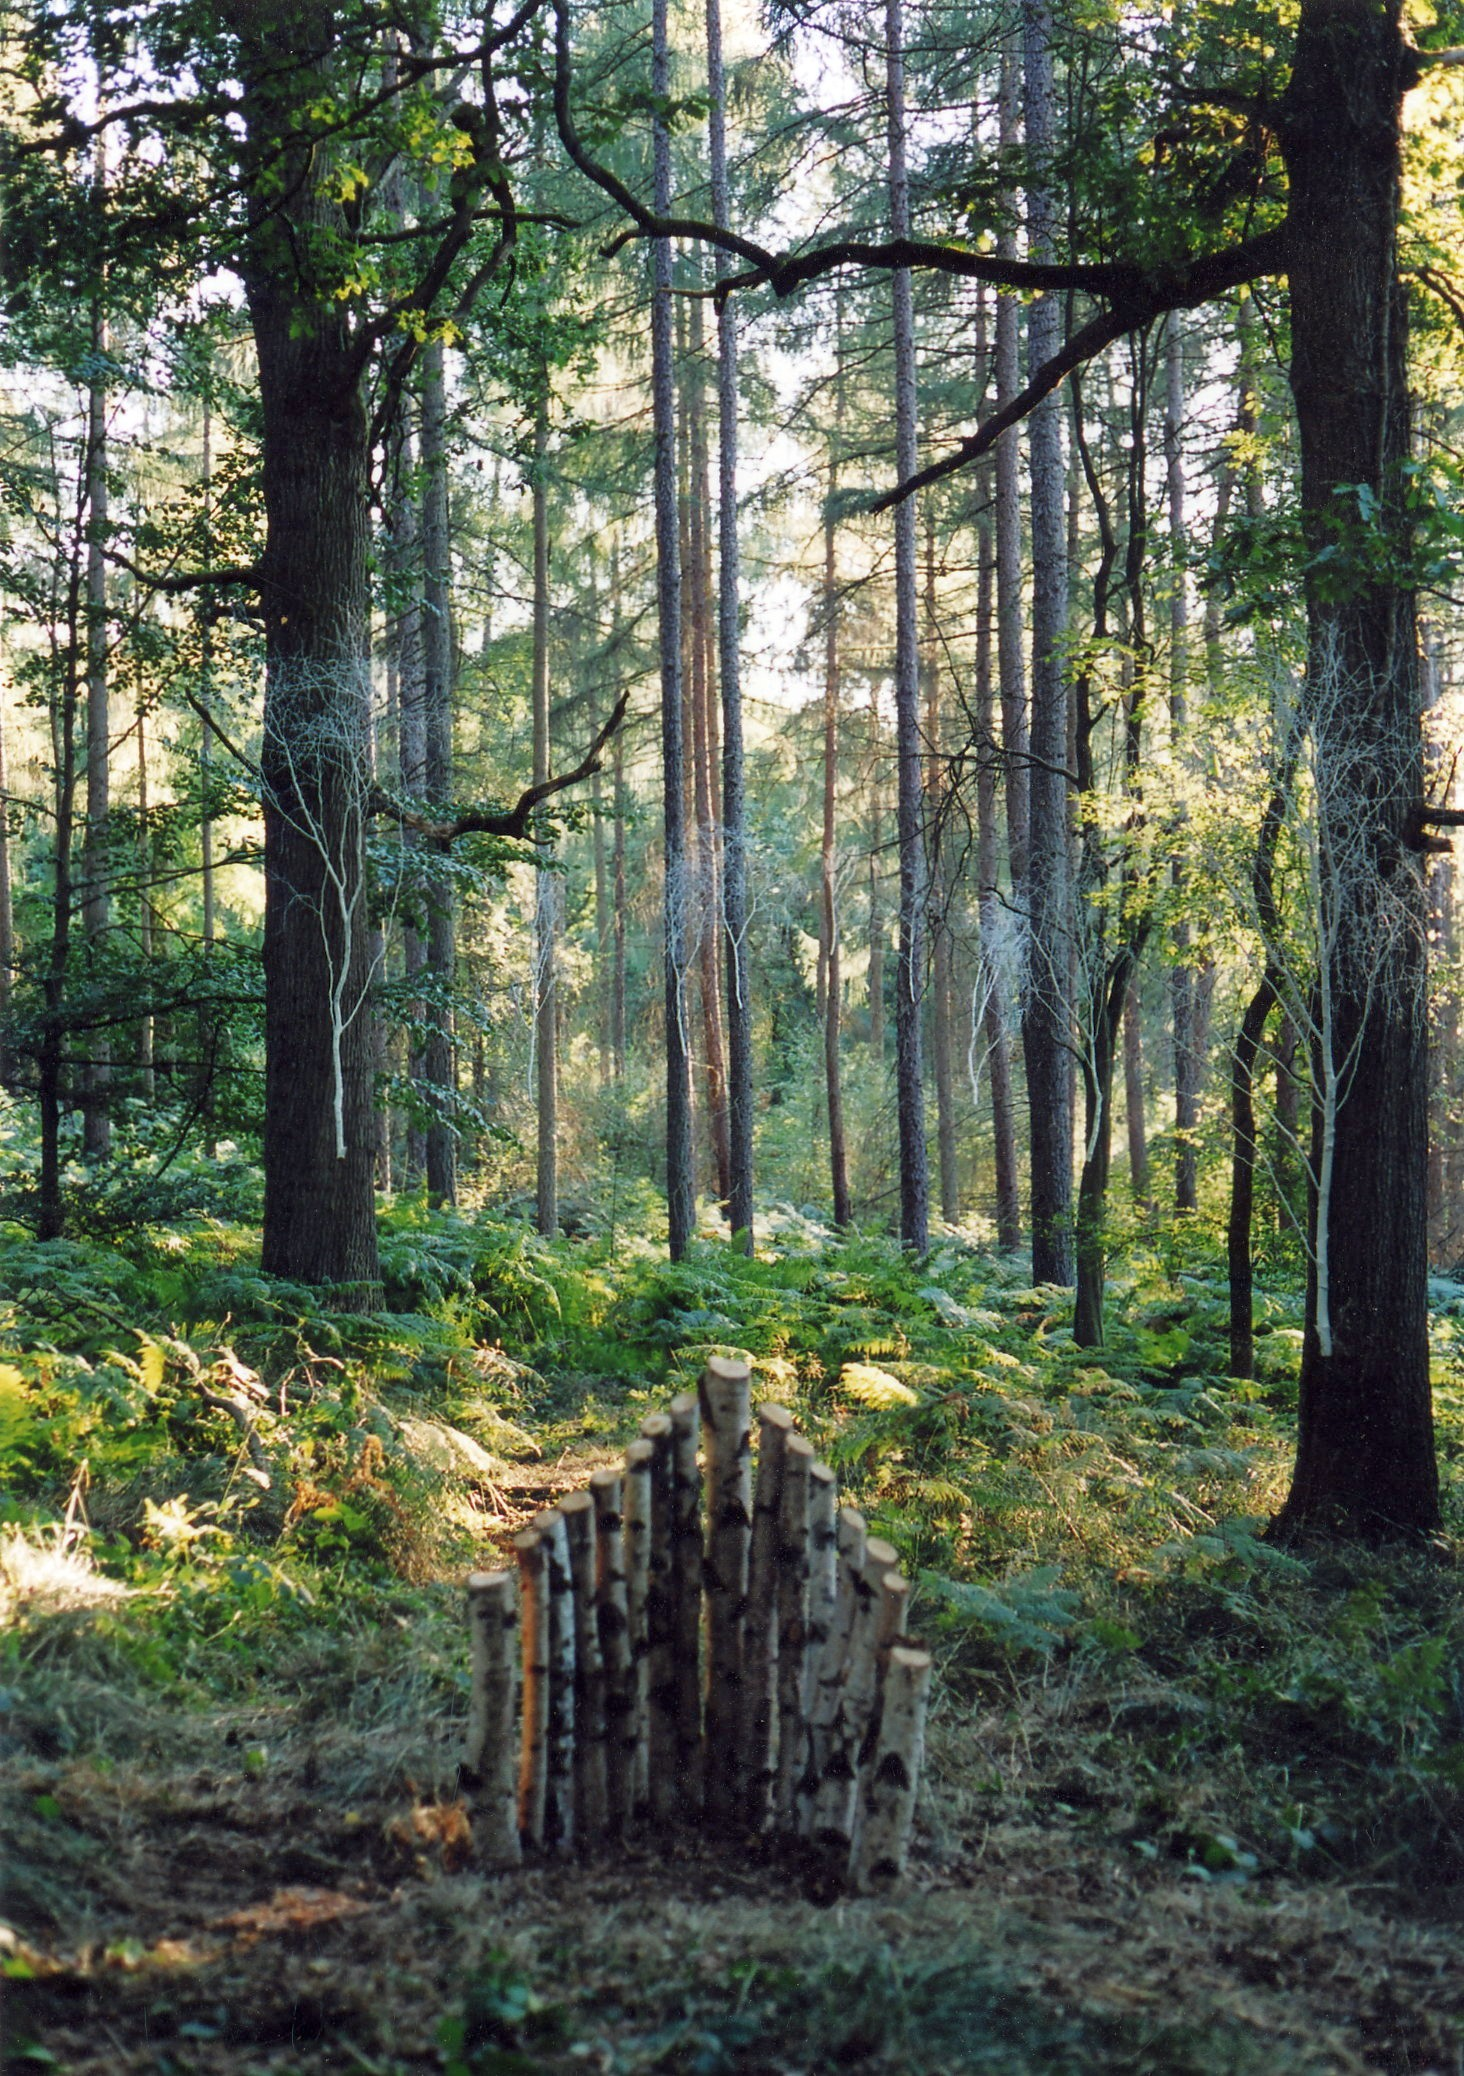 White birches installation, Forest of Dean Sculpture Trail